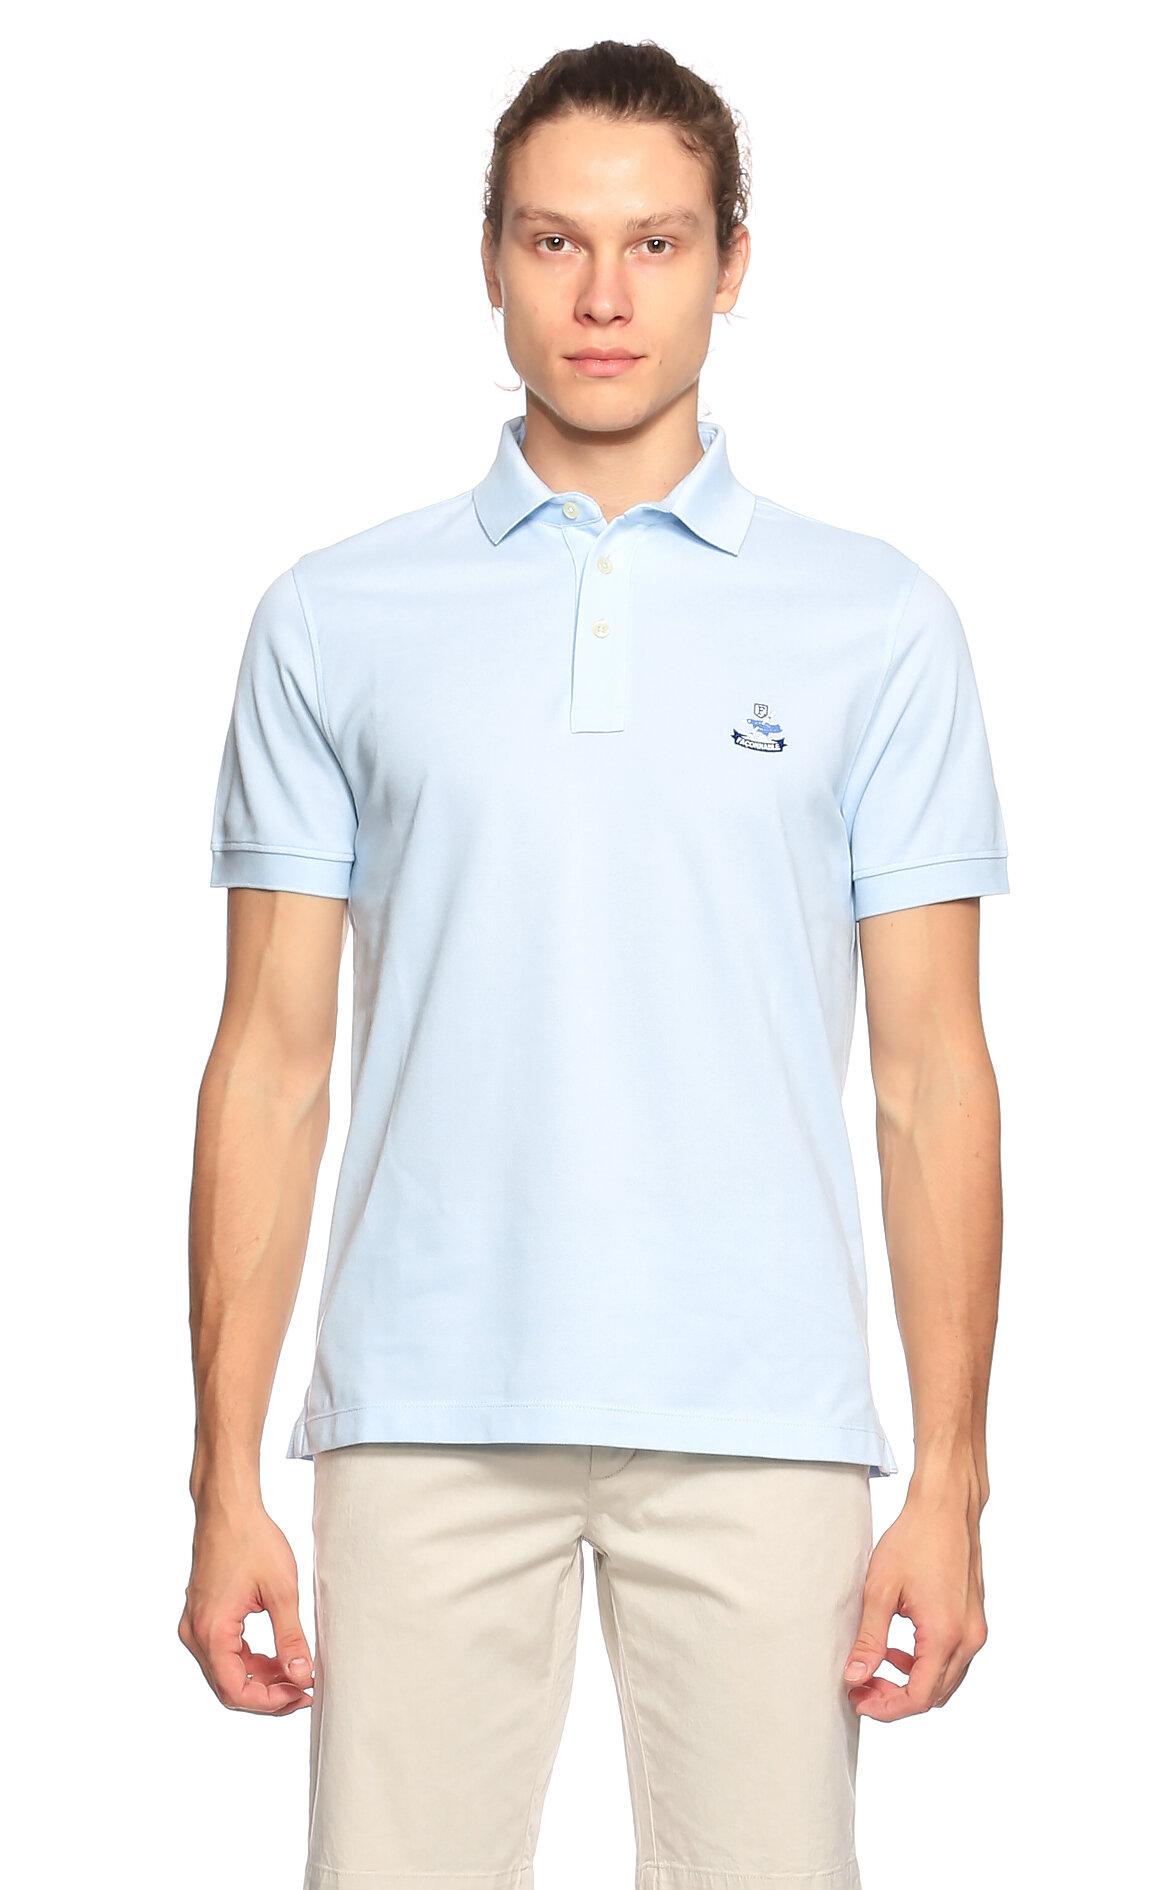 Faconnable-faconnable Polo T-shirt